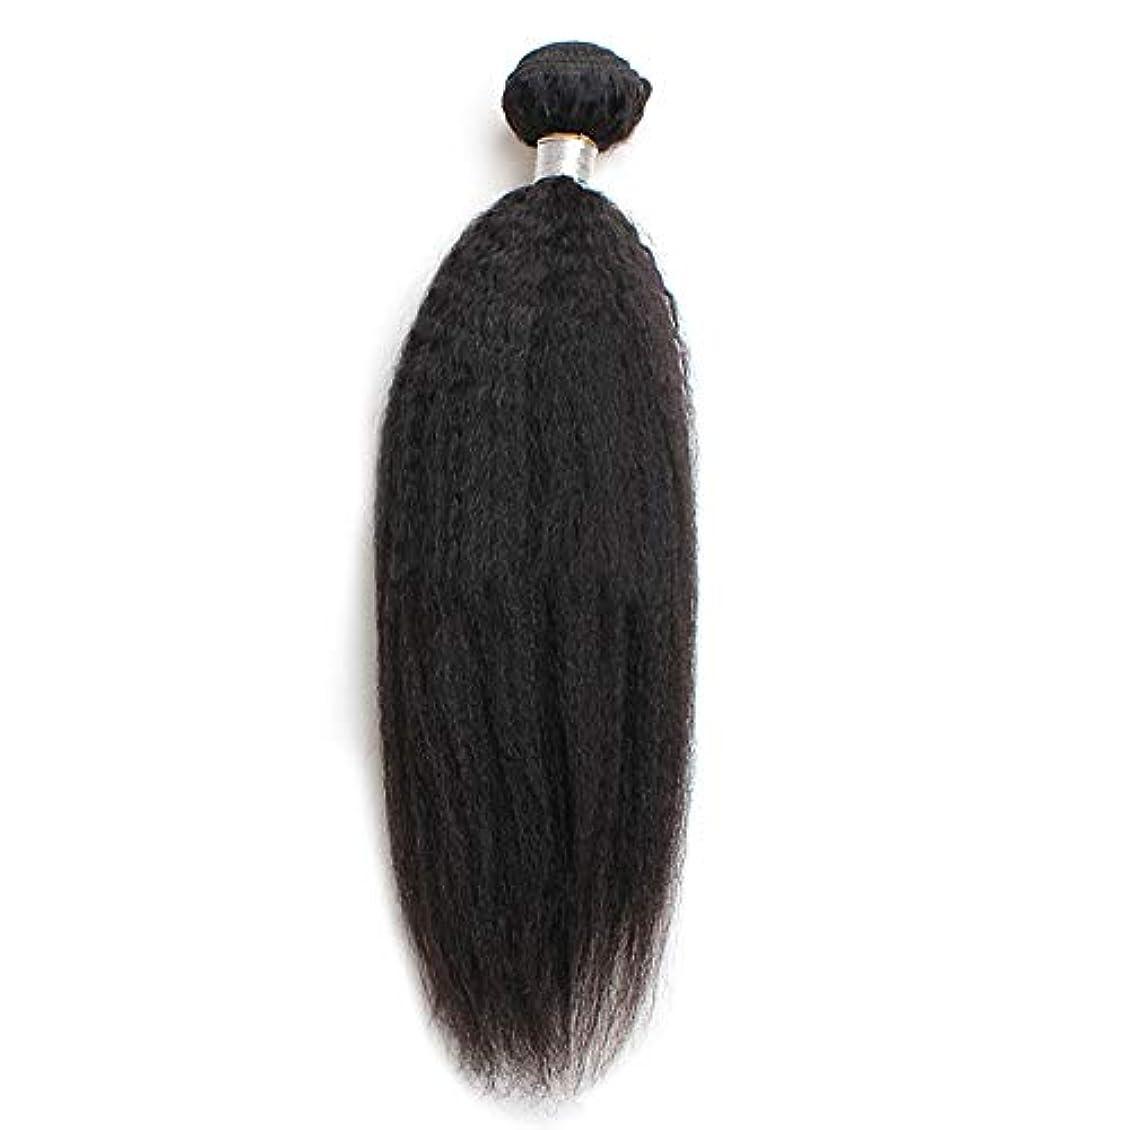 ハシー幻想原子炉WASAIO ブラジル焼きUnbowedバンドル人間の髪織り閉鎖ボディ100%レミー (色 : 黒, サイズ : 12 inch)